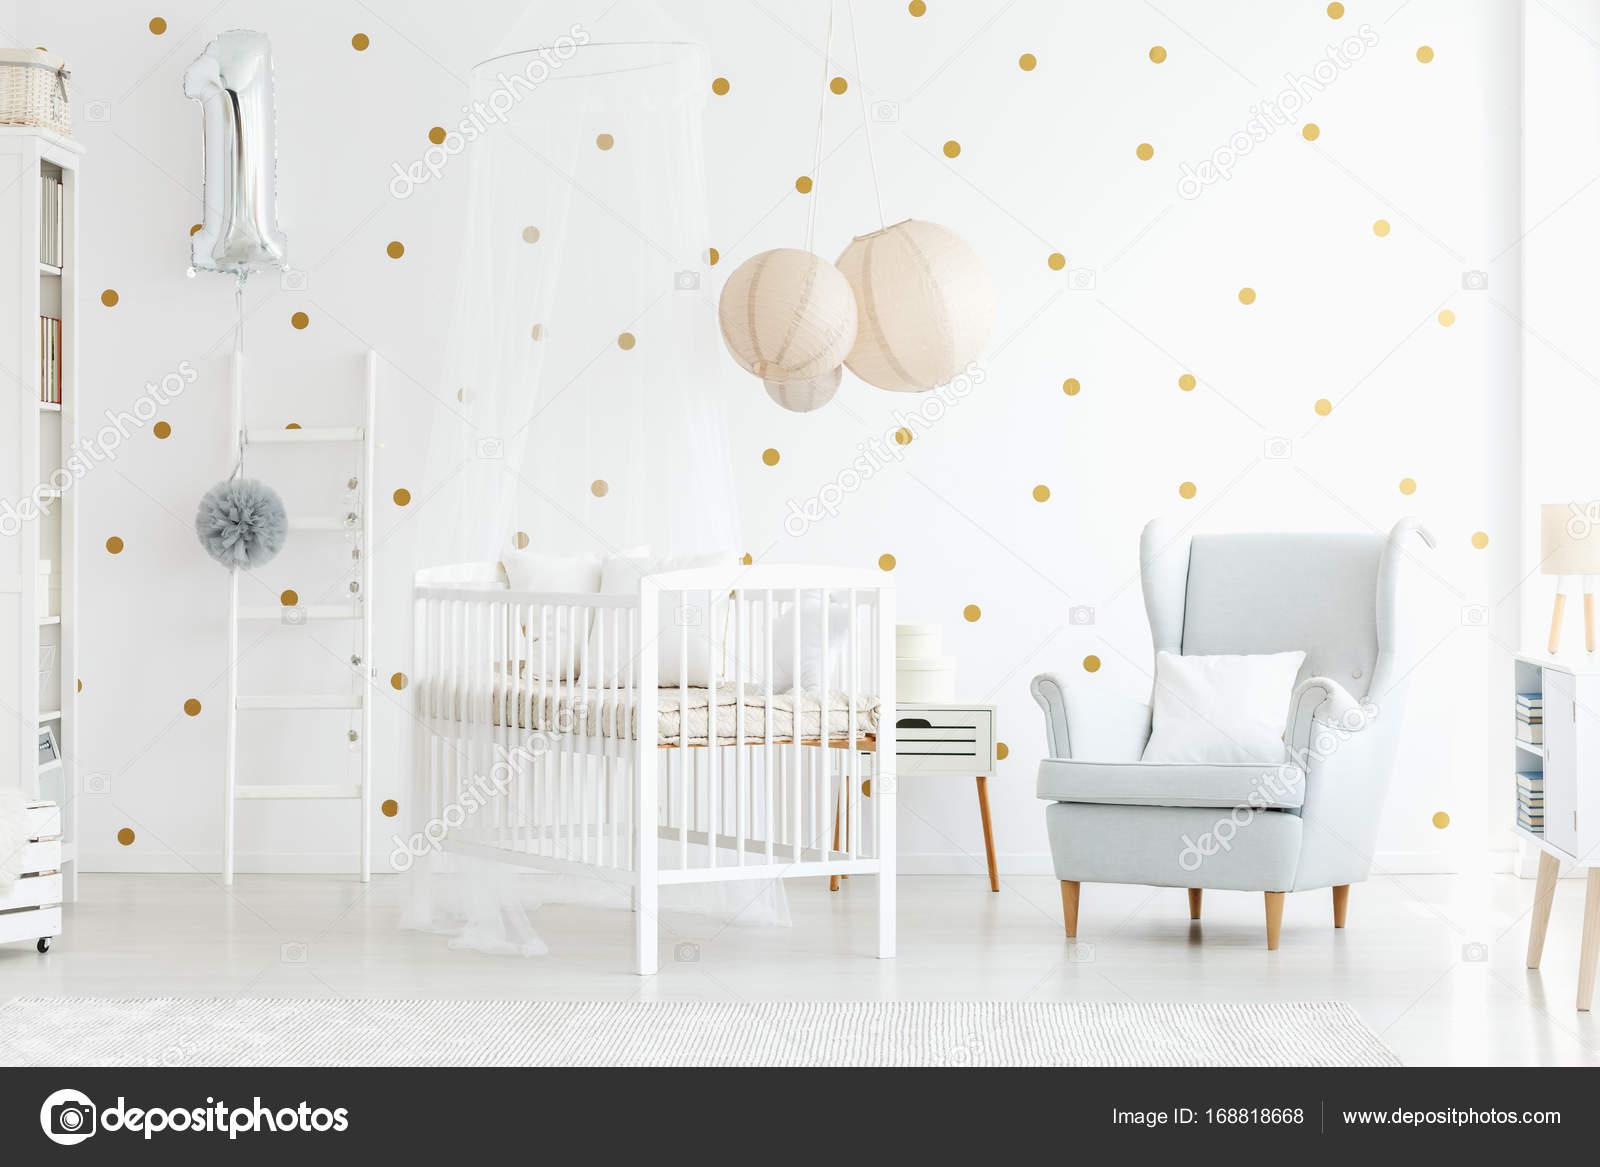 Gemutliche Kinder Schlafzimmer Innenraum Stockfoto